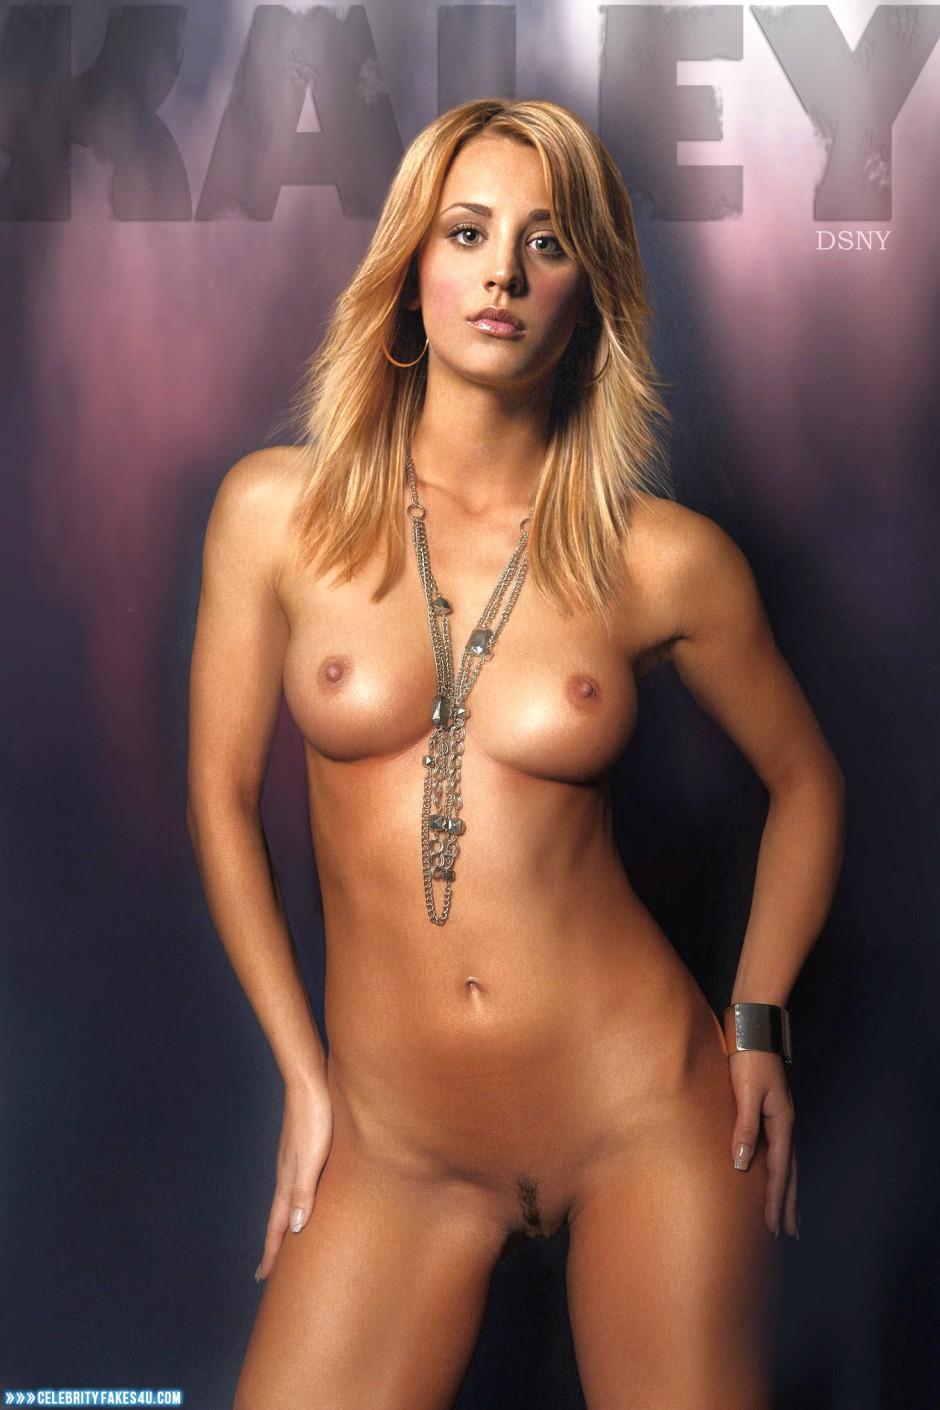 kaley cuoco nude photos № 168193